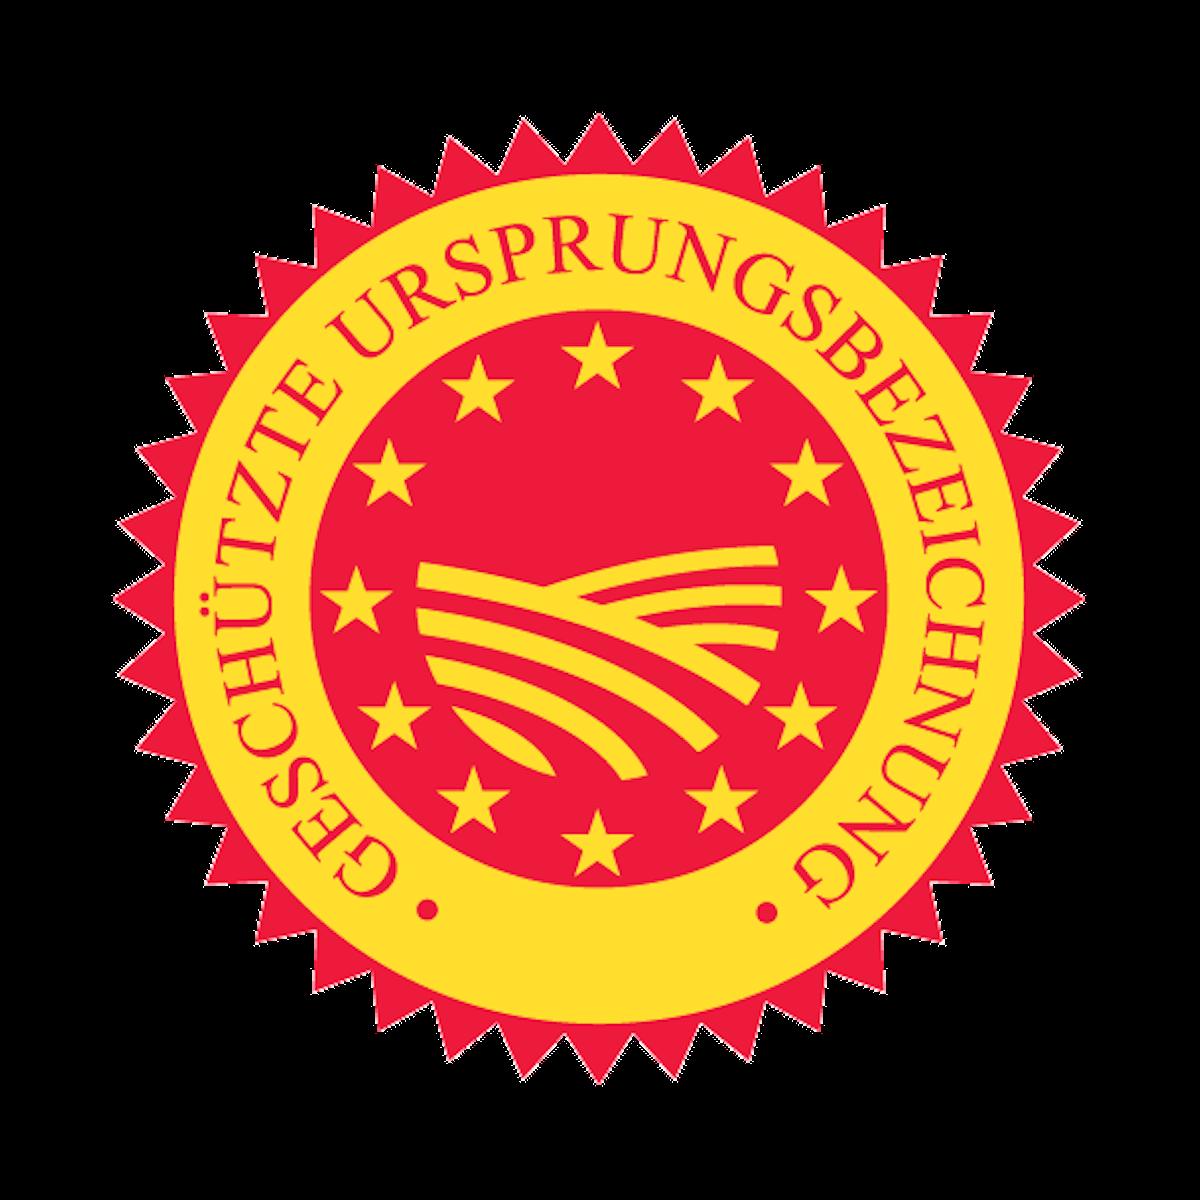 Siegel geschützte Ursprungsbezeichnung